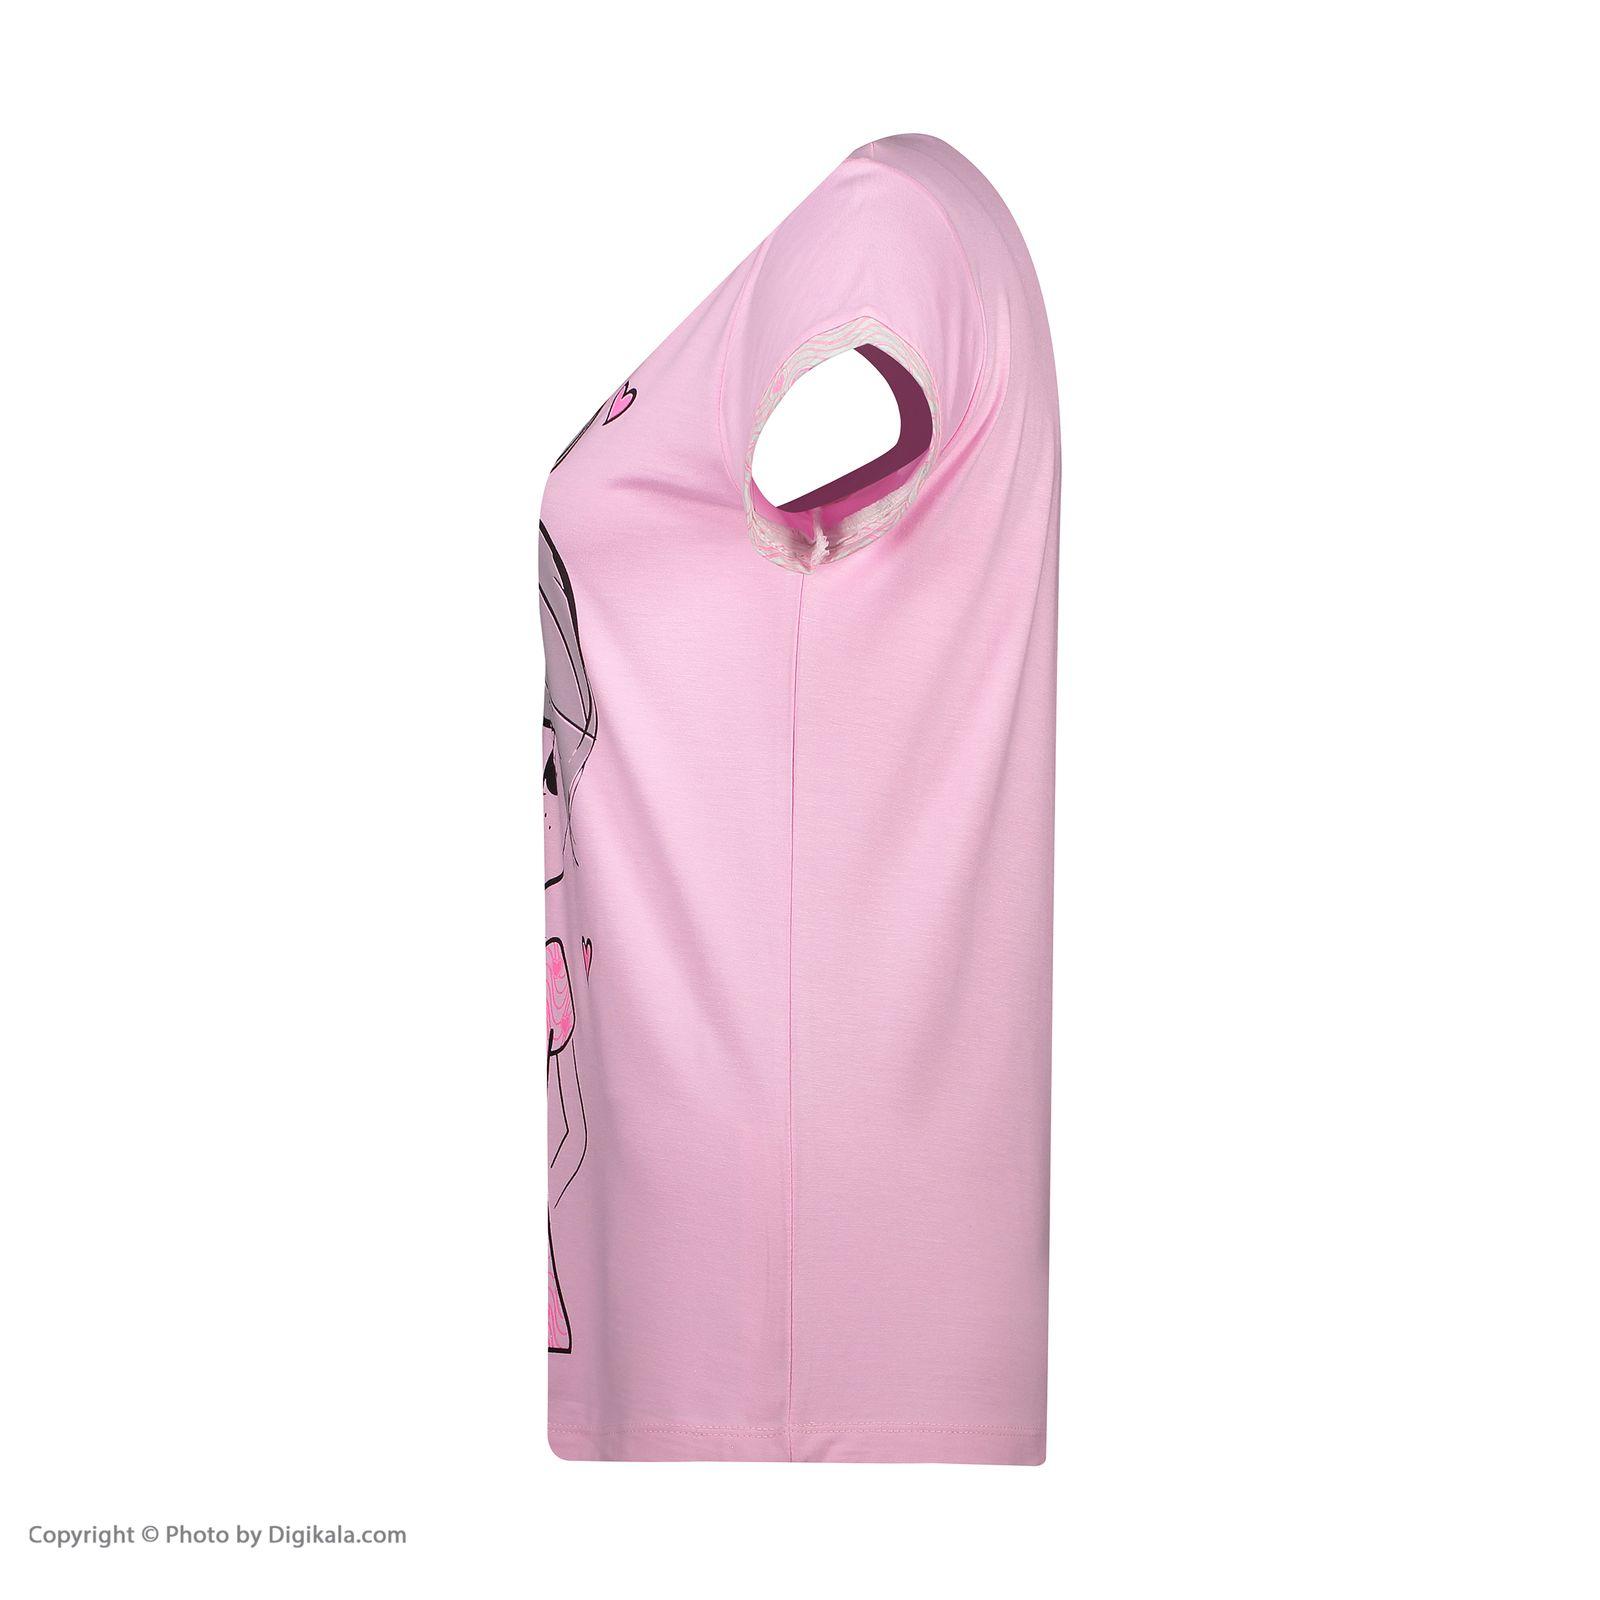 ست تی شرت و شلوار زنانه فمیلی ور طرح دختر کد 0222 رنگ صورتی -  - 9